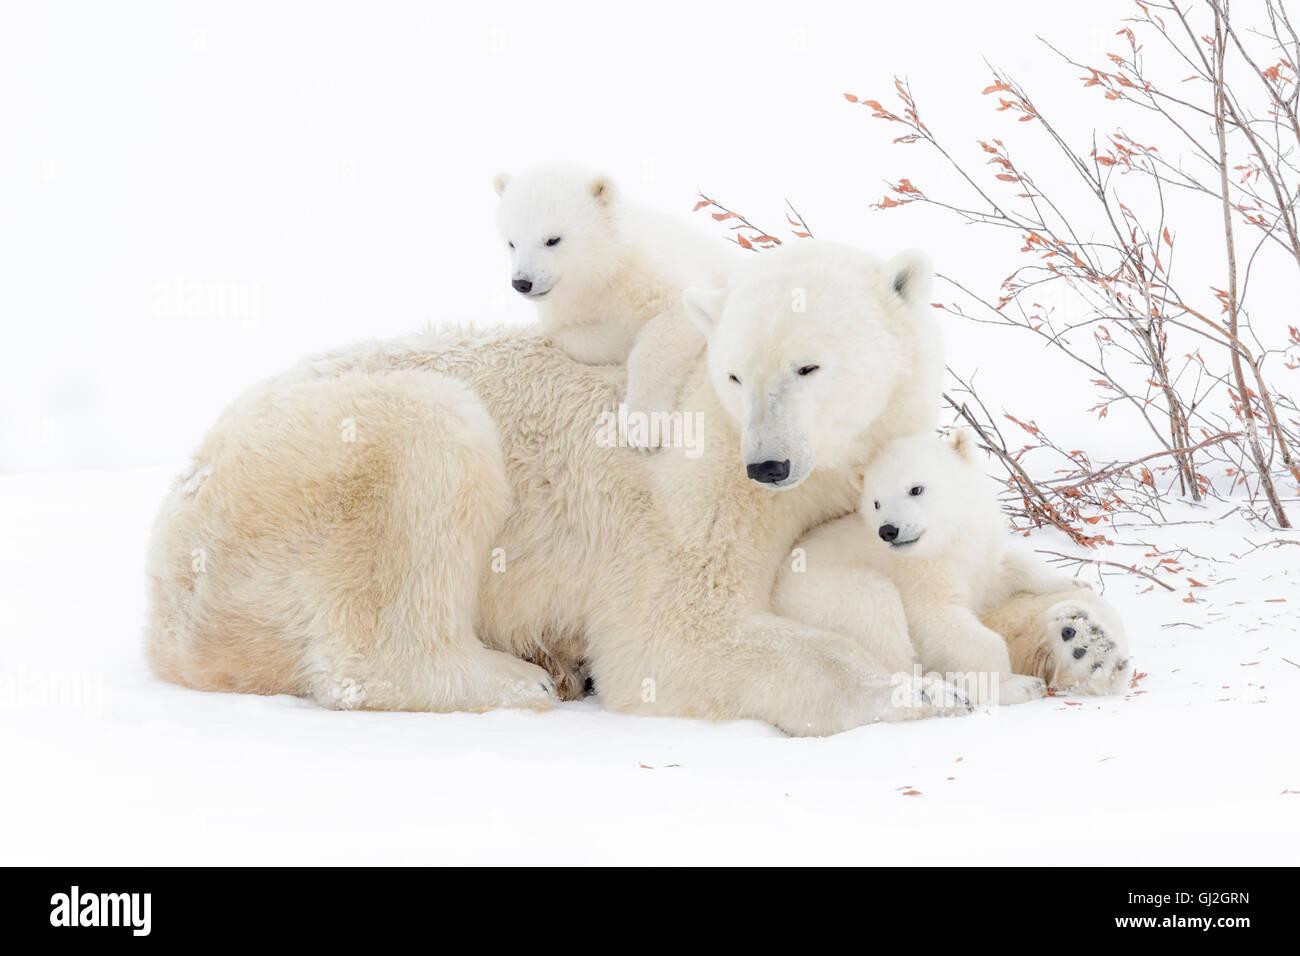 Mère de l'ours polaire (Ursus maritimus) couché avec deux oursons jouant, Parc National de Wapusk, Photo Stock